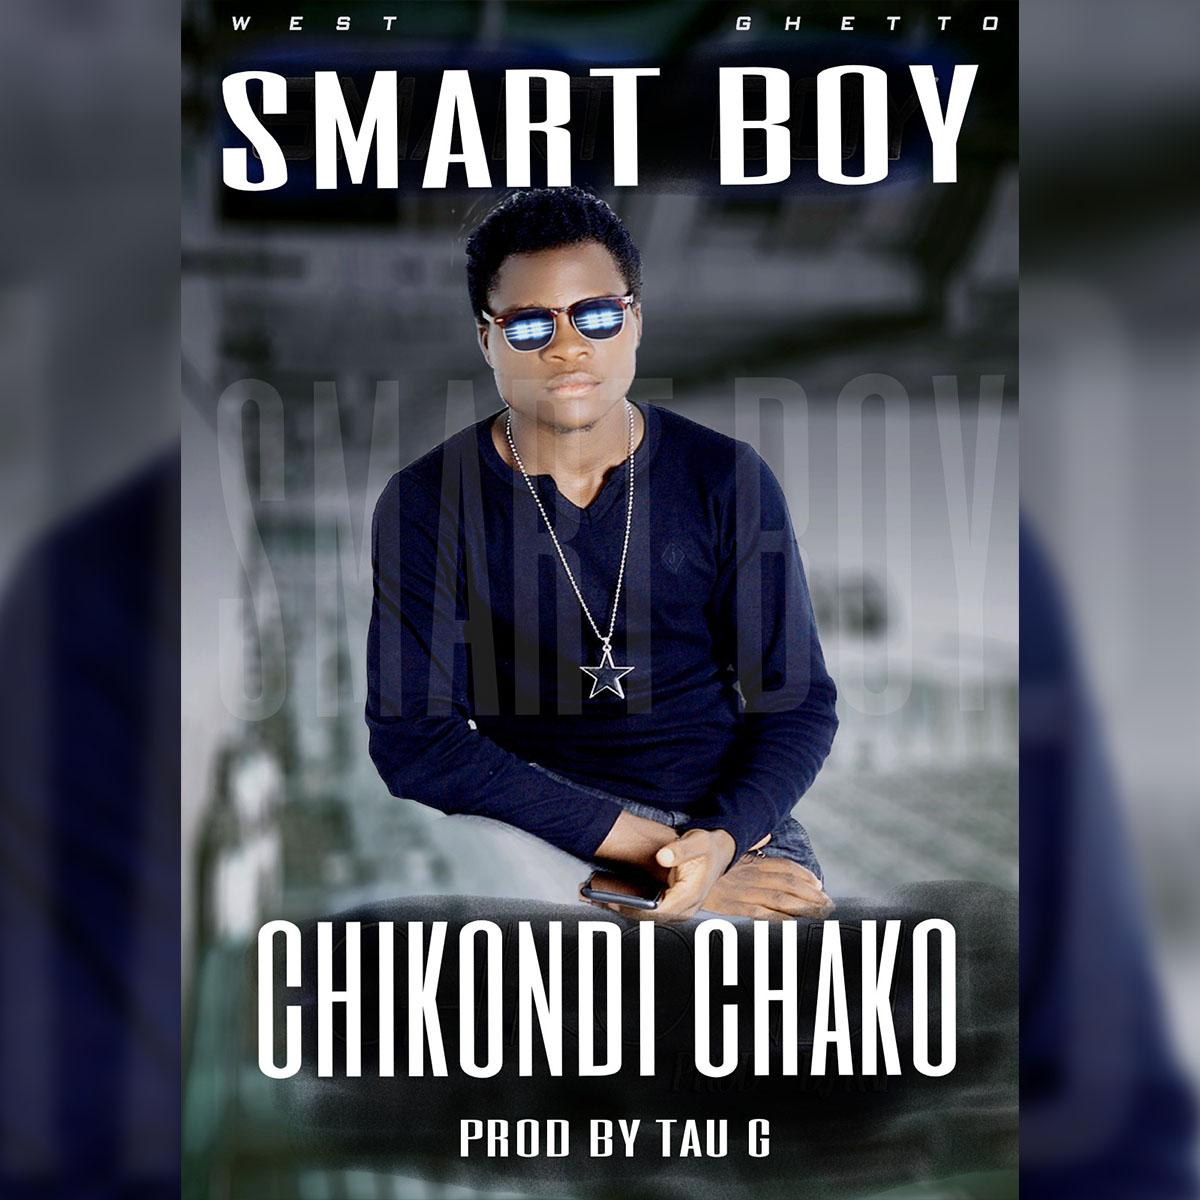 Smart Boy - Chikondi Chako (Prod. Tau G)